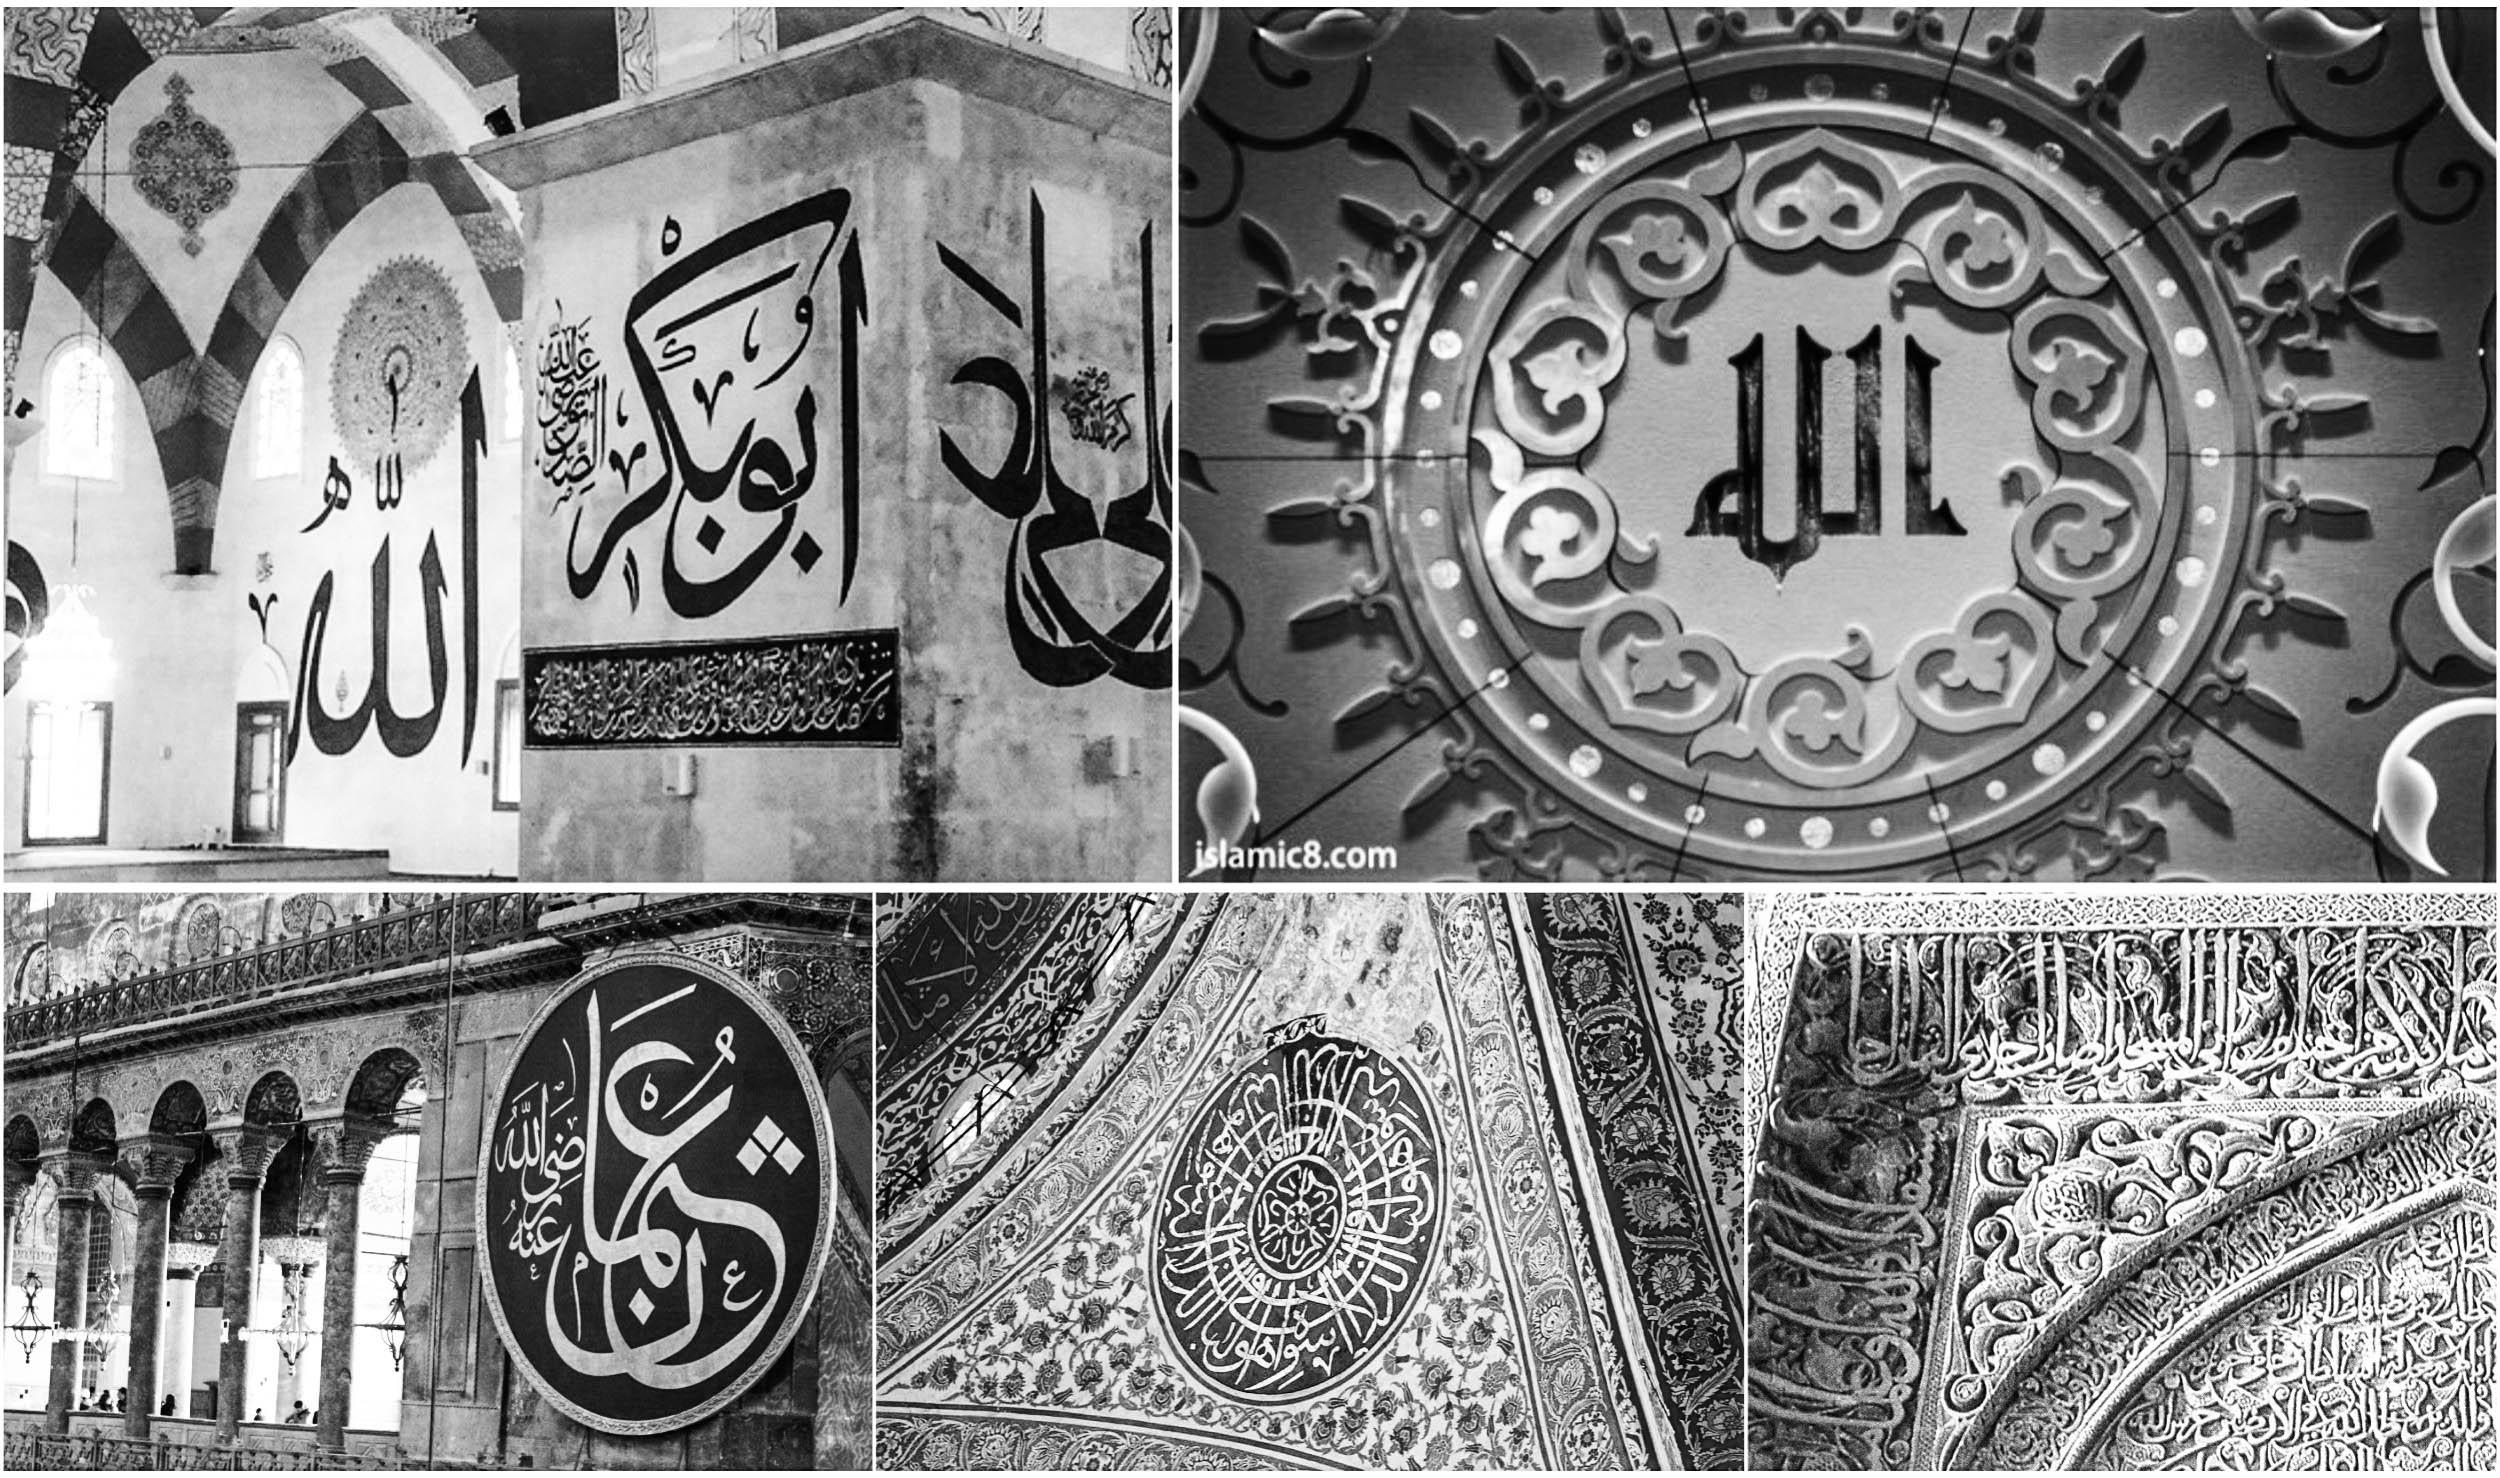 ornamen kaligrafi alqur'an pada masjid